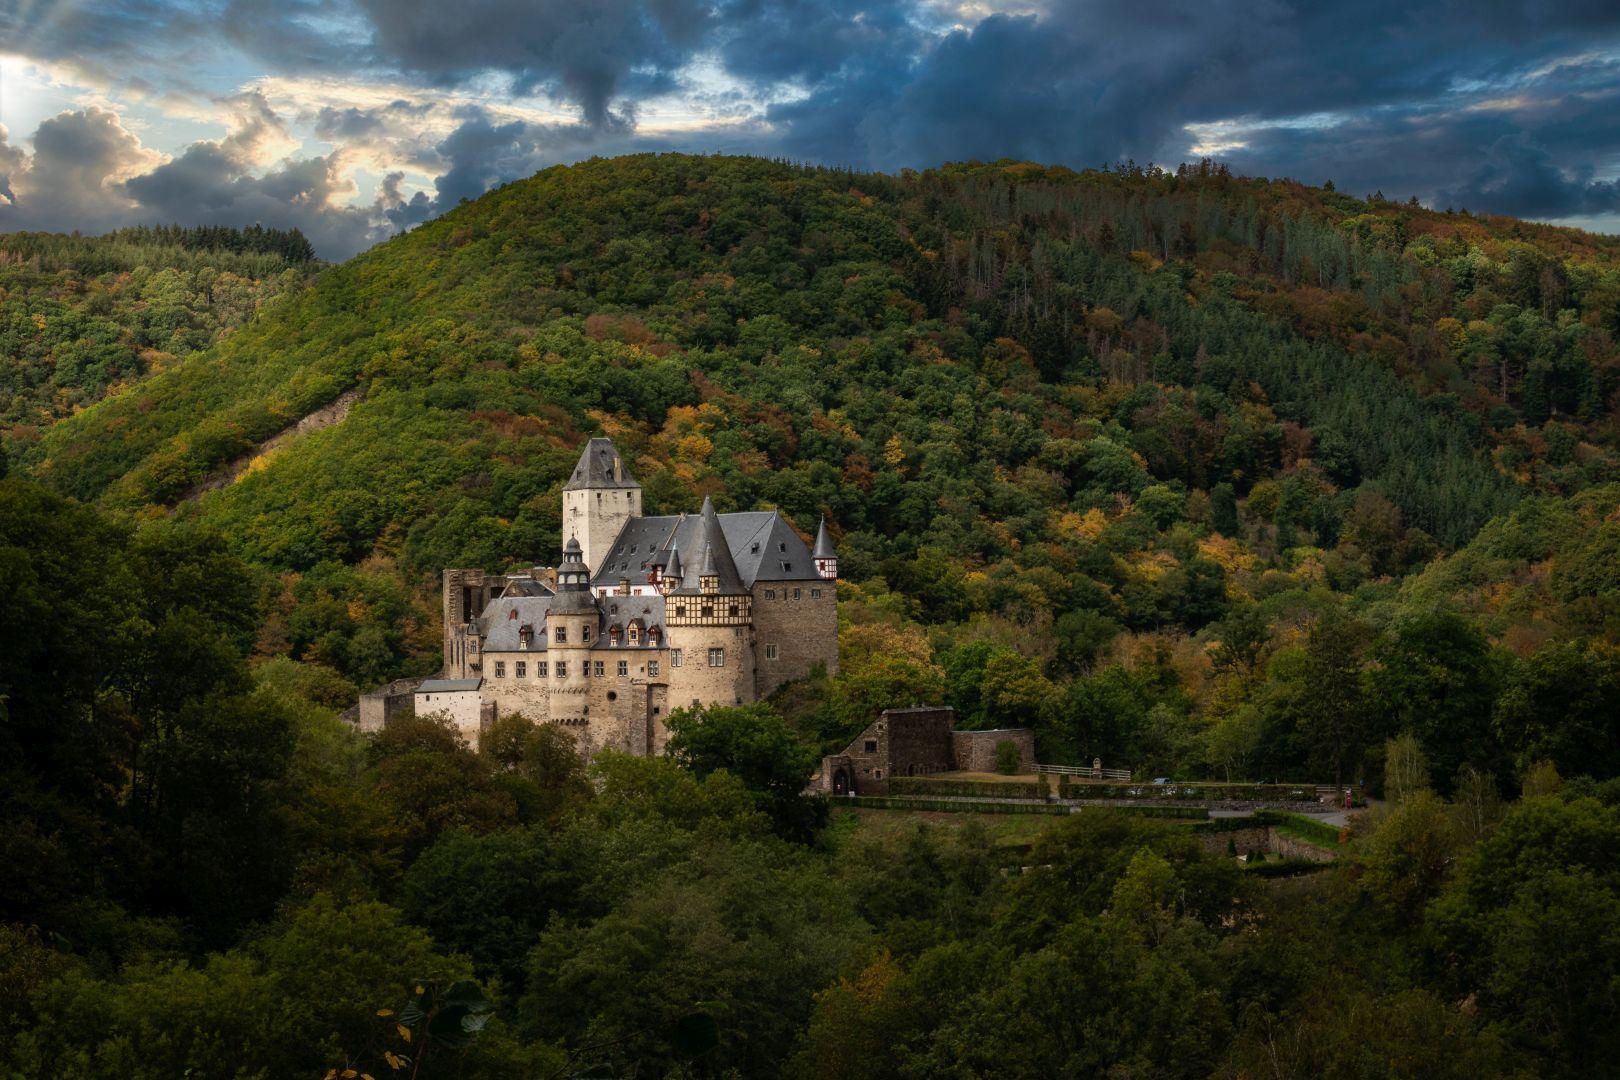 Schloss-Buerresheim